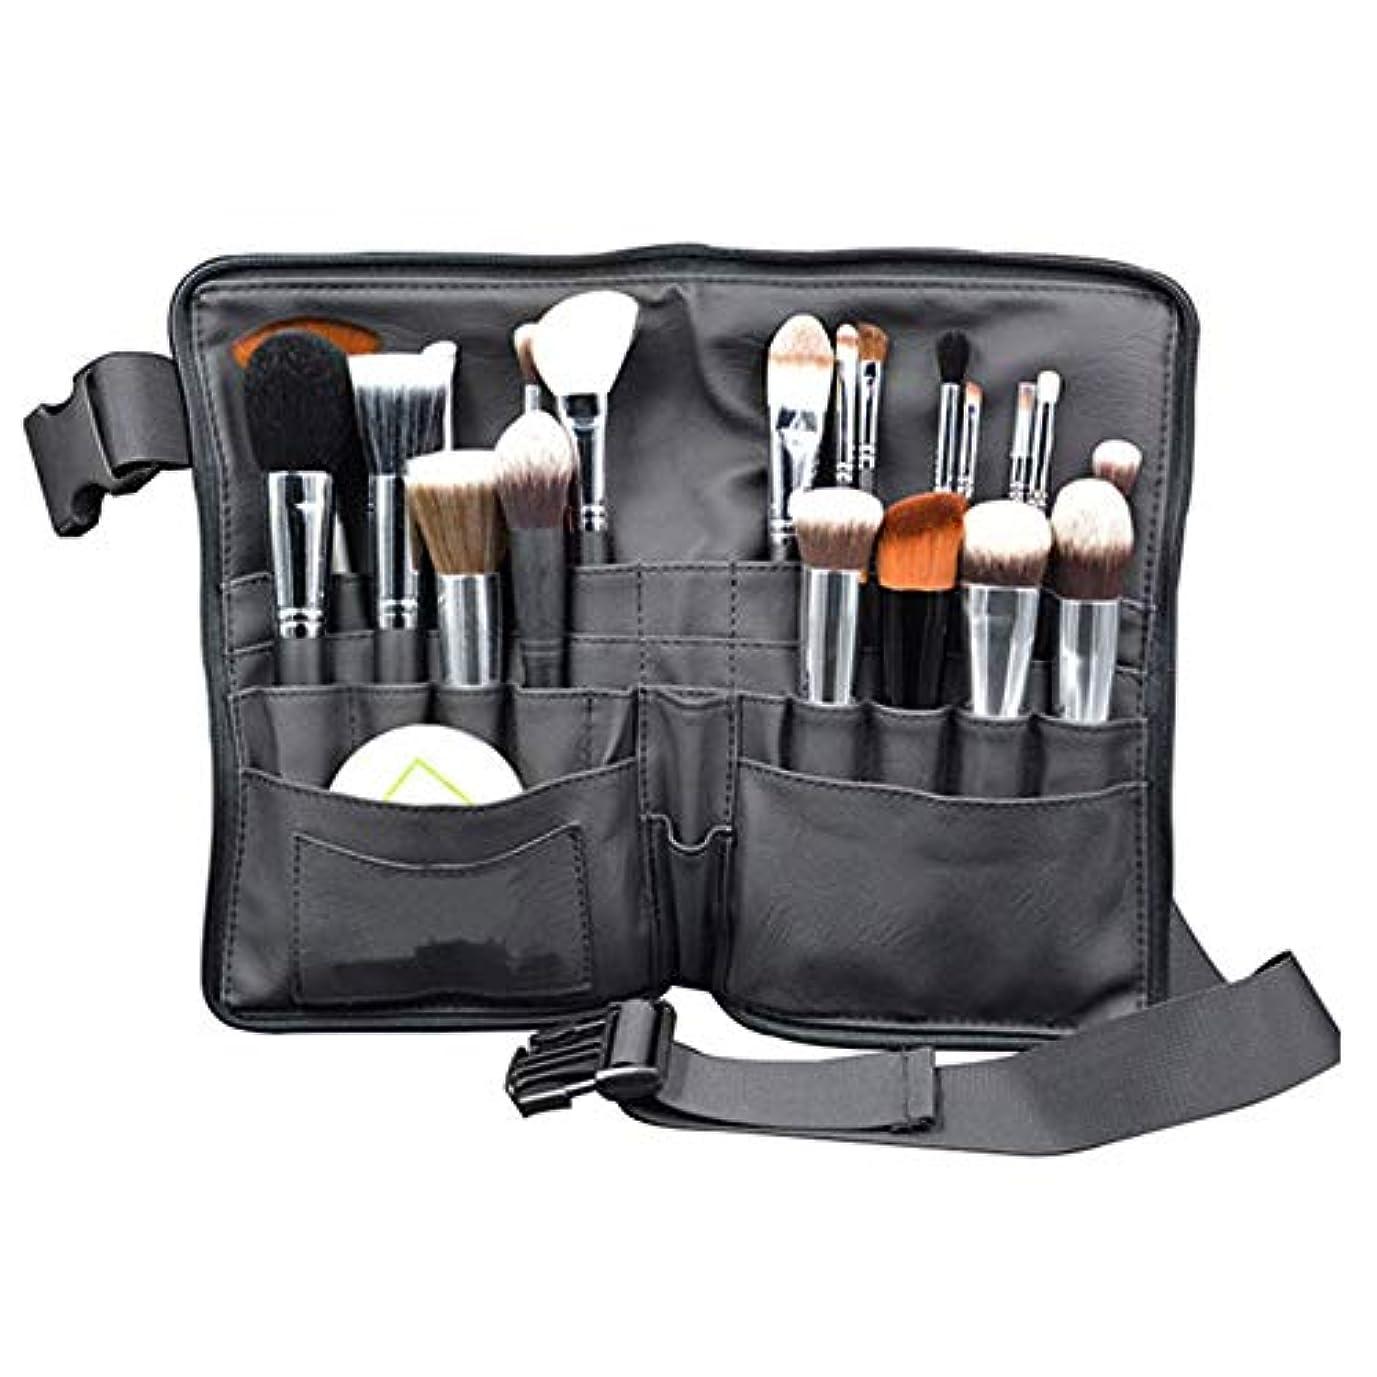 うまくやる()プログレッシブでメイクブラシバッグ Akane プロ 化粧師 専用 ウエストポーチ 超大容量 全収納 便利 防水 収納 舞台 ブラック 化粧バッグ